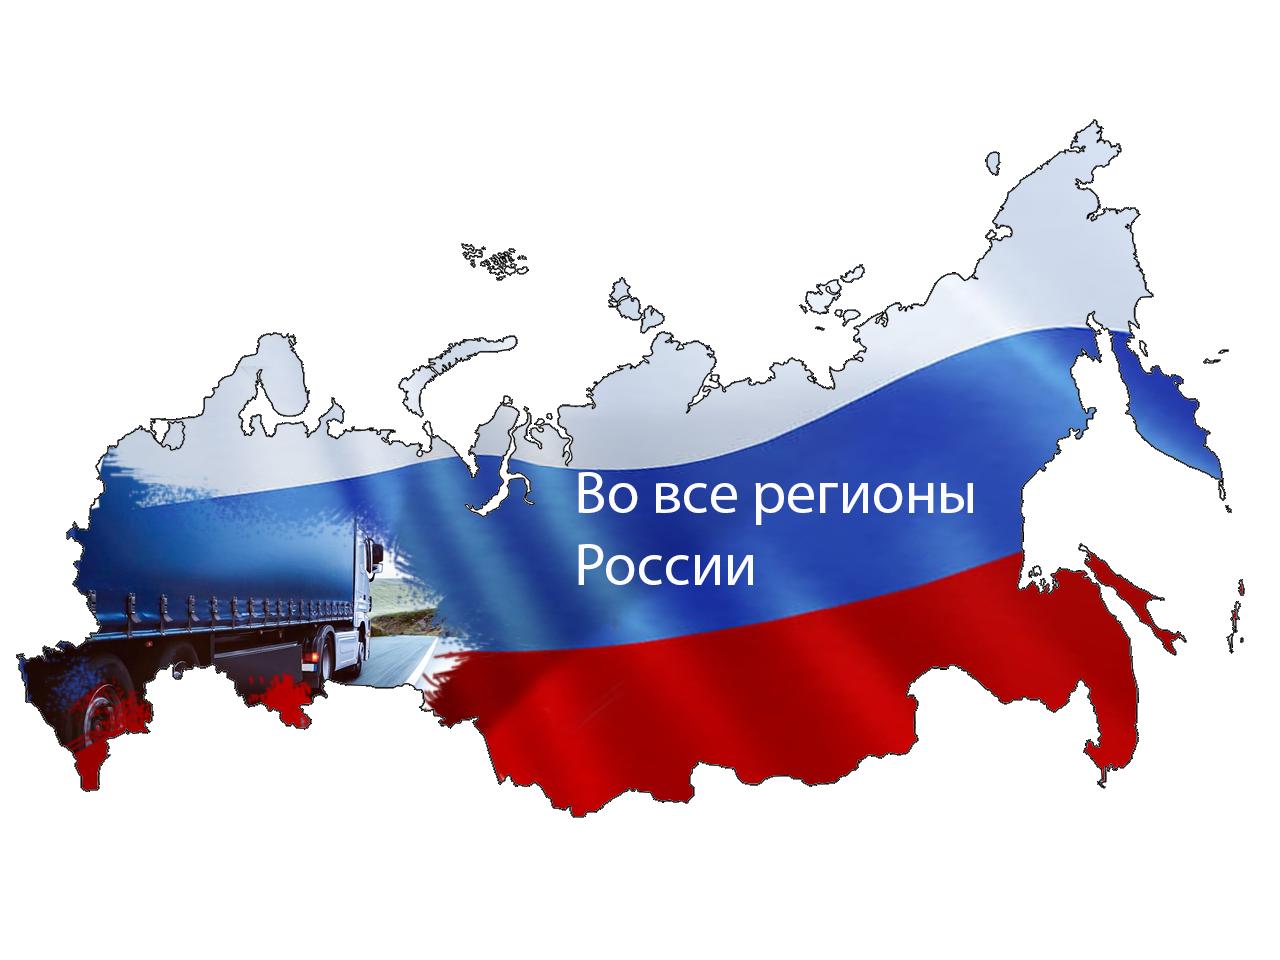 Dostavka vo vse Russia